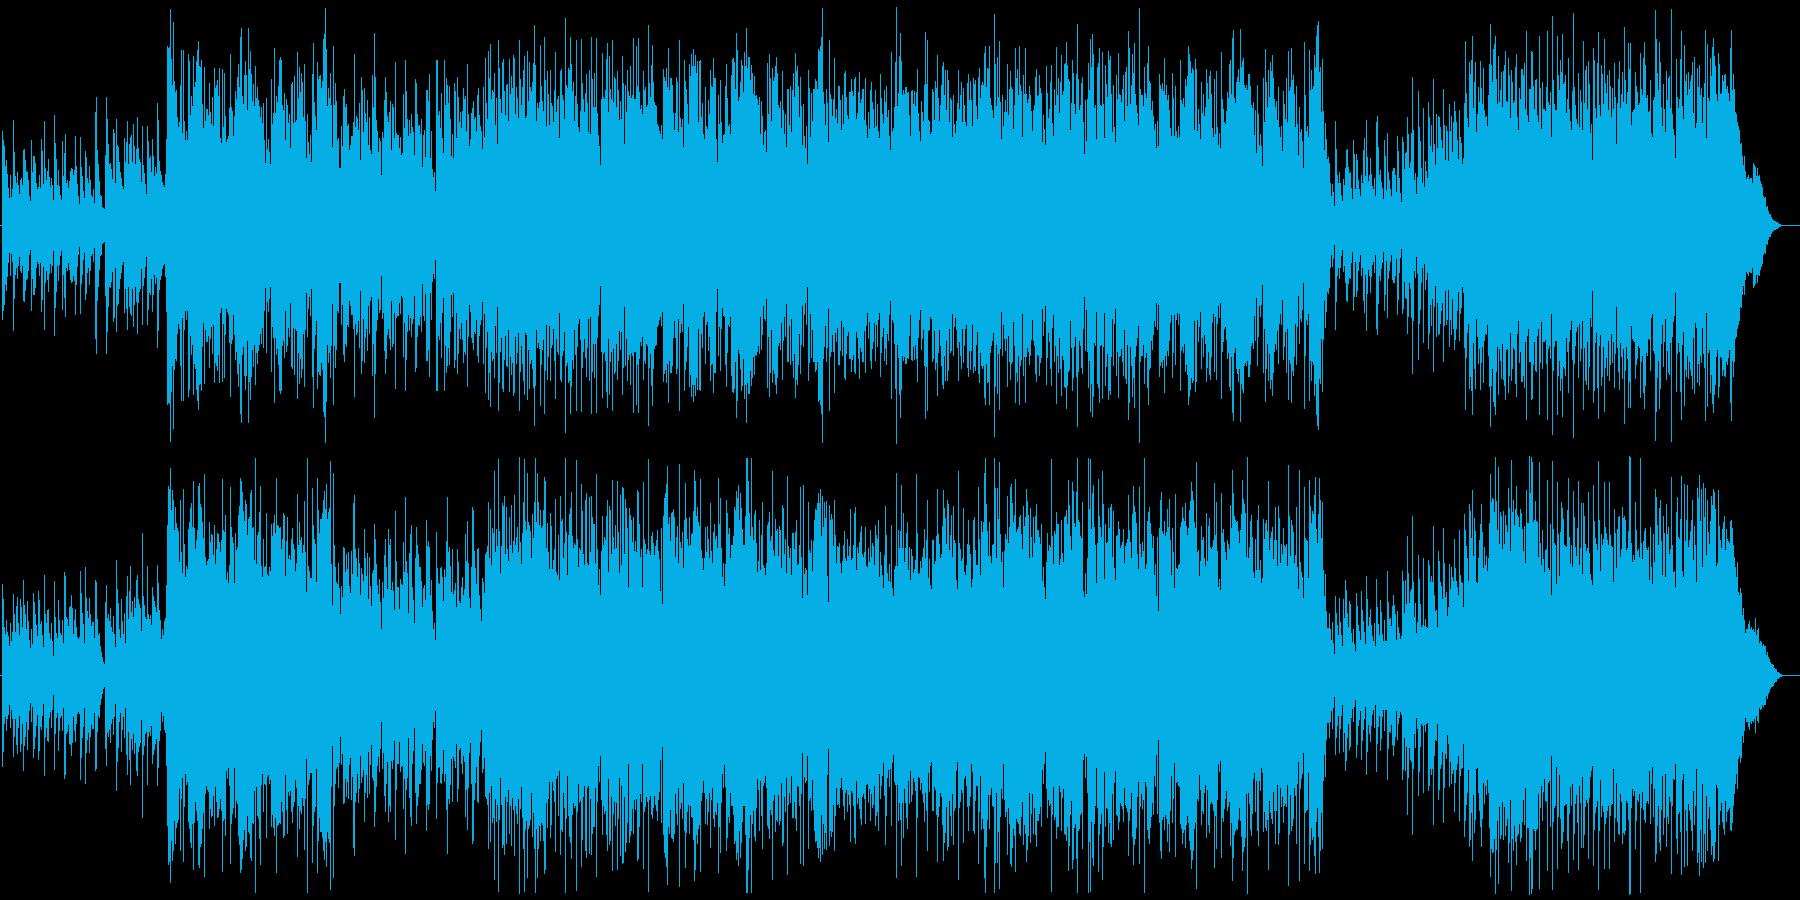 ブライダル・ドラマチックな入場シーンの再生済みの波形